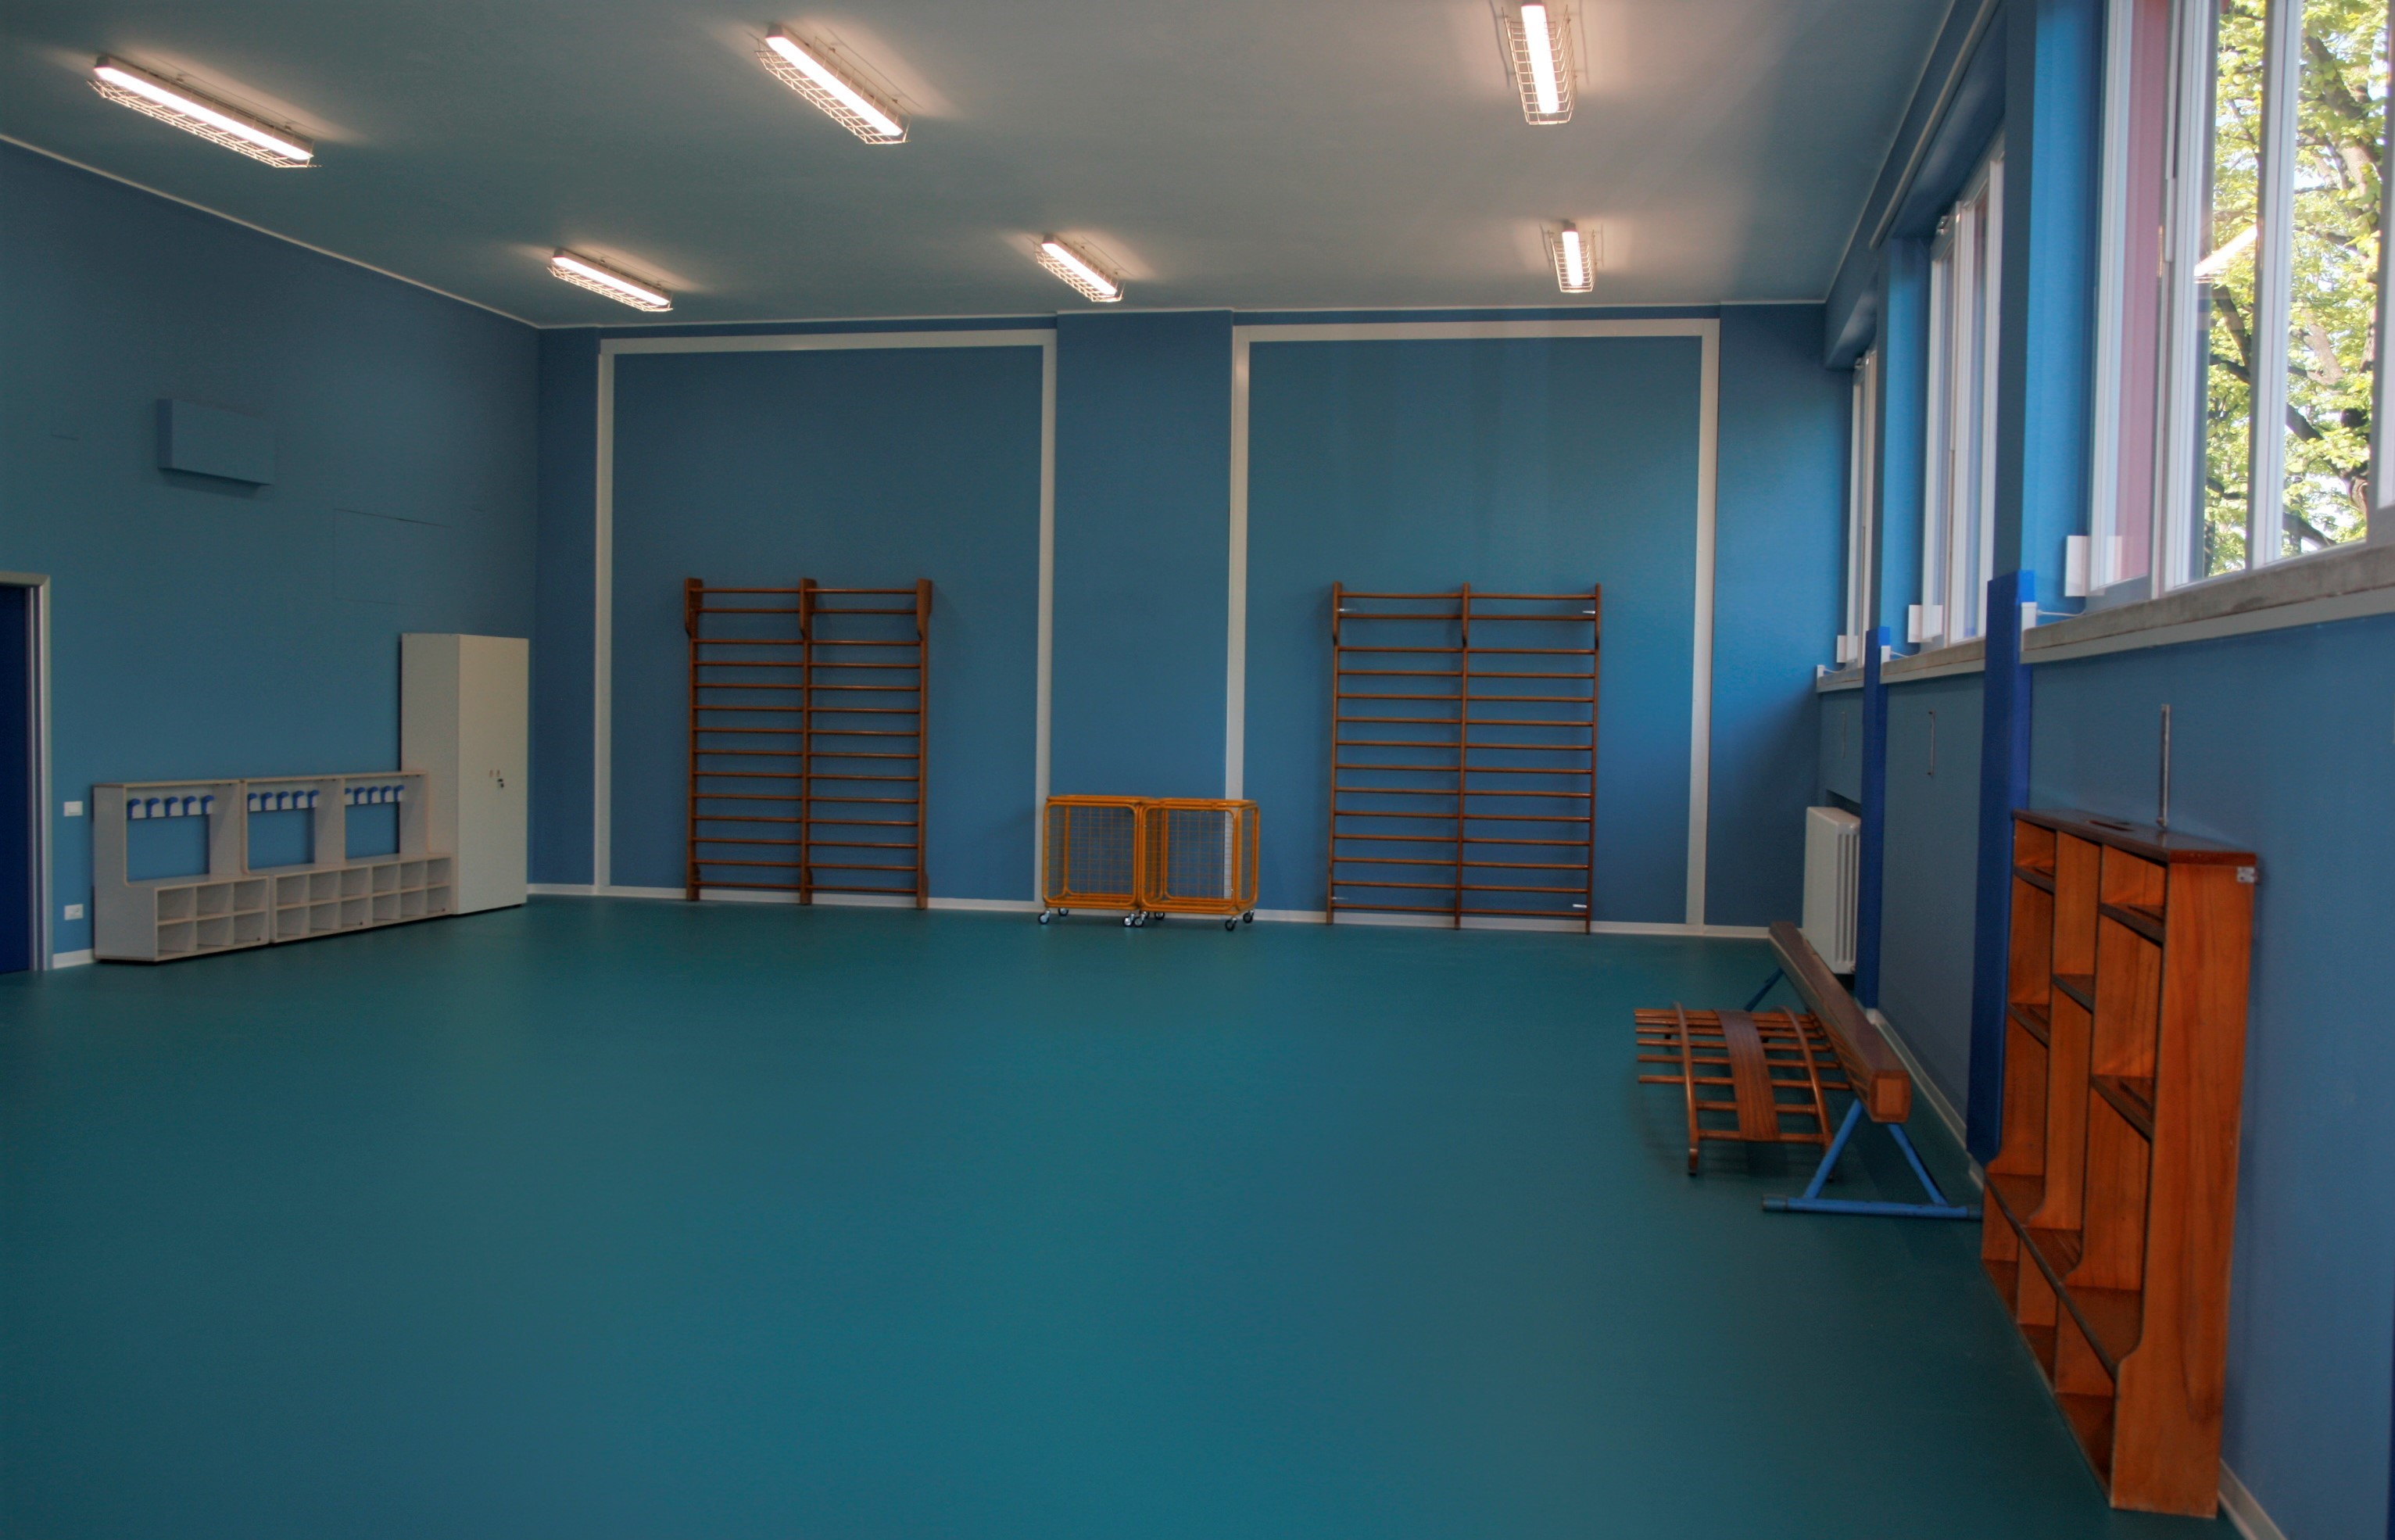 Scuola IV NovembrePL 079.jpg